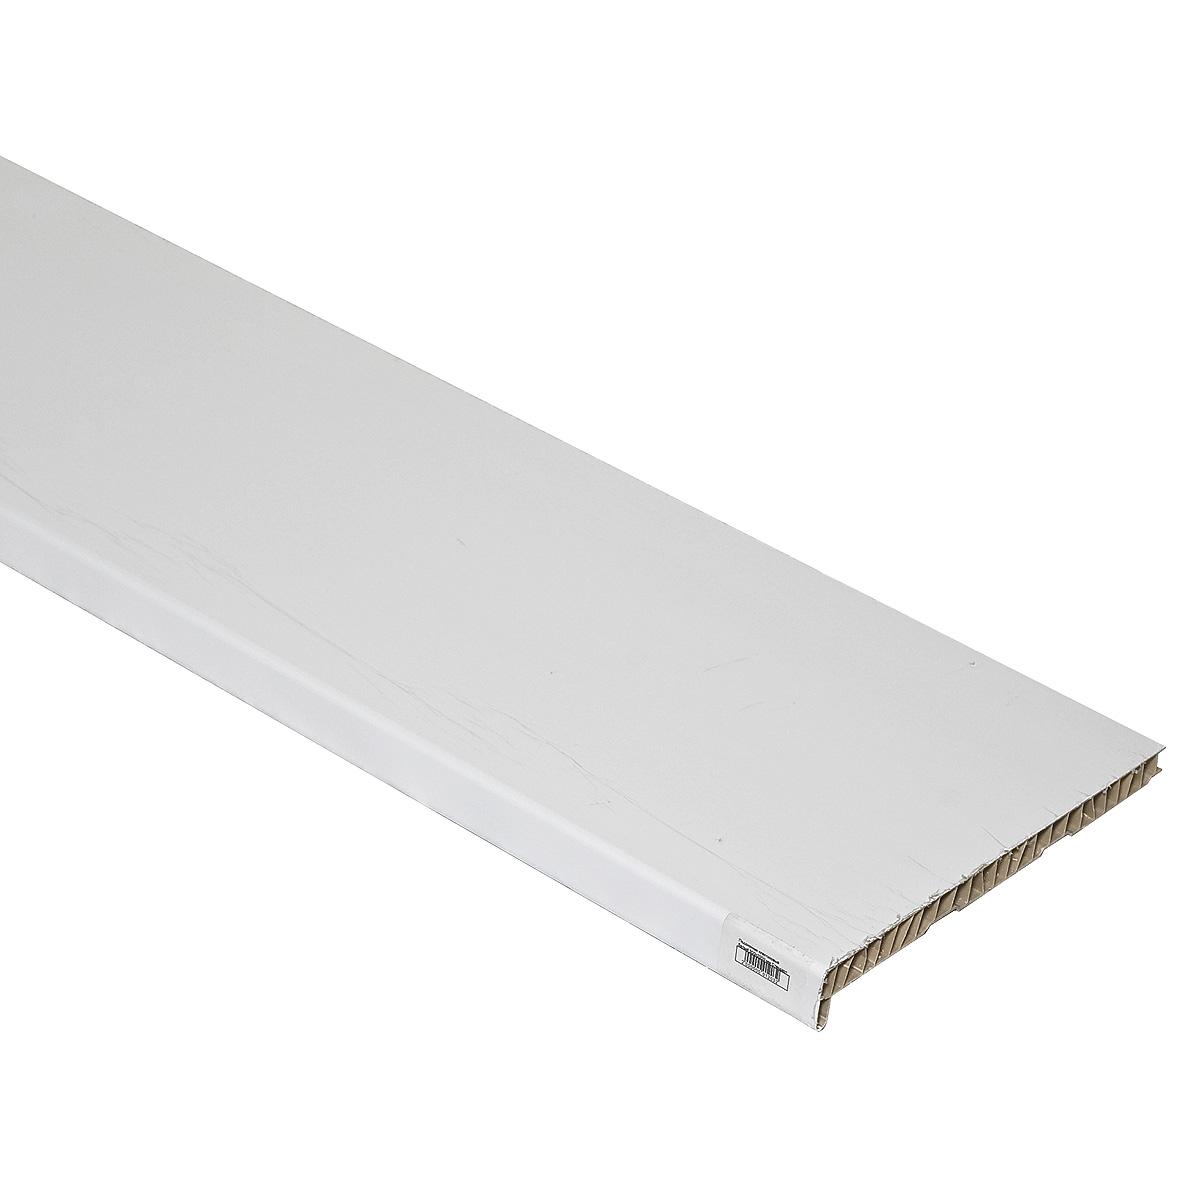 Подоконник пластиковый белый 300х3000 мм Стандарт